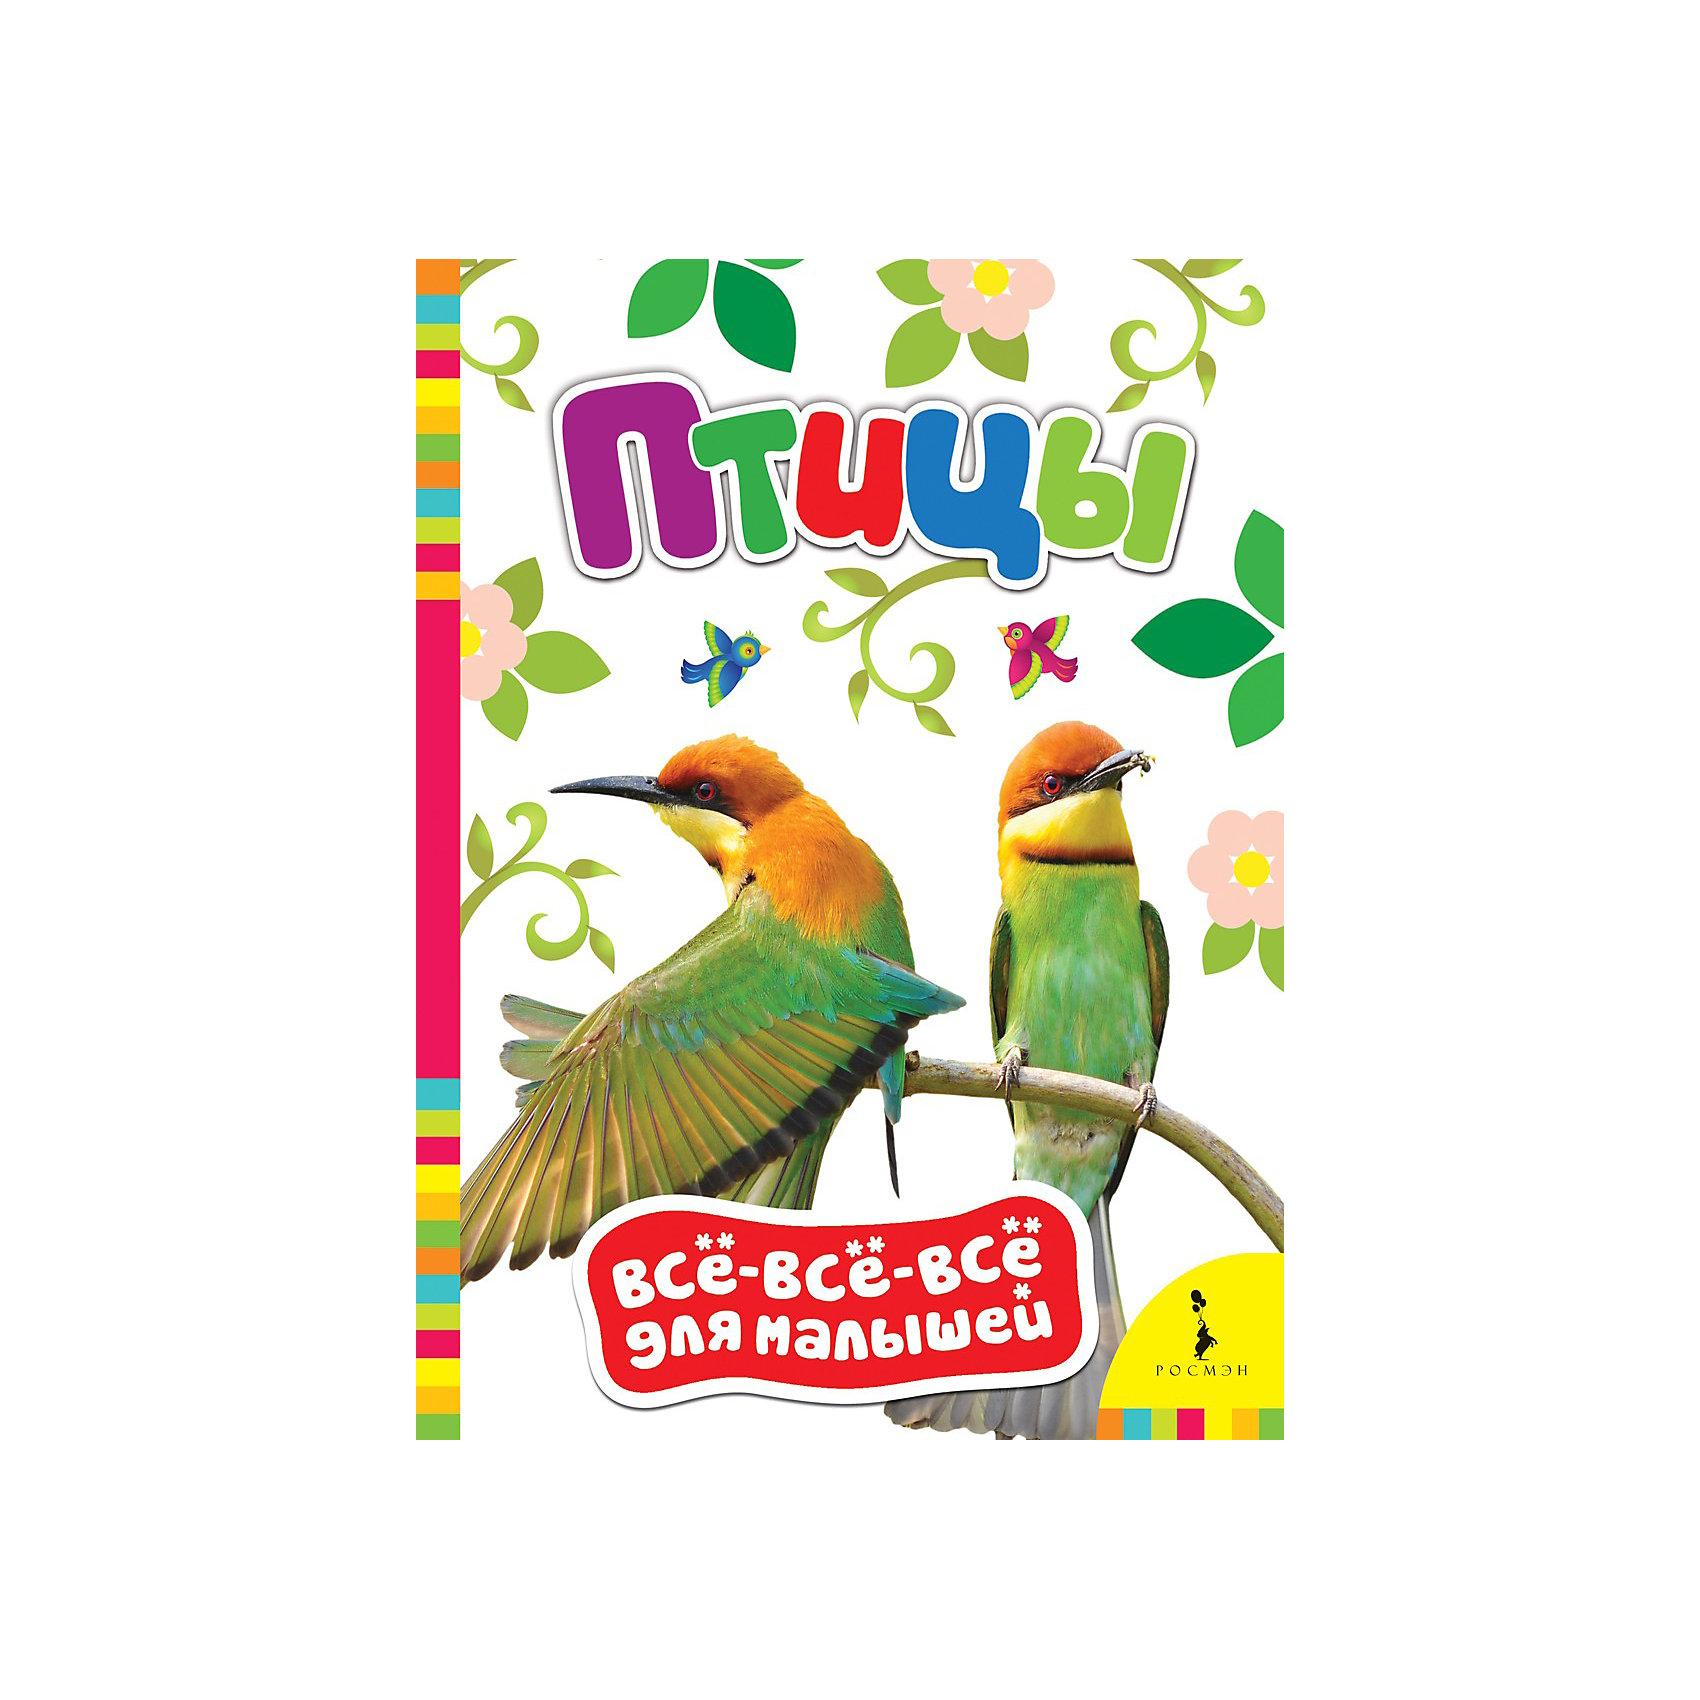 Росмэн Птицы, Всё-всё-всё для малышей росмэн птицы всё всё всё для малышей